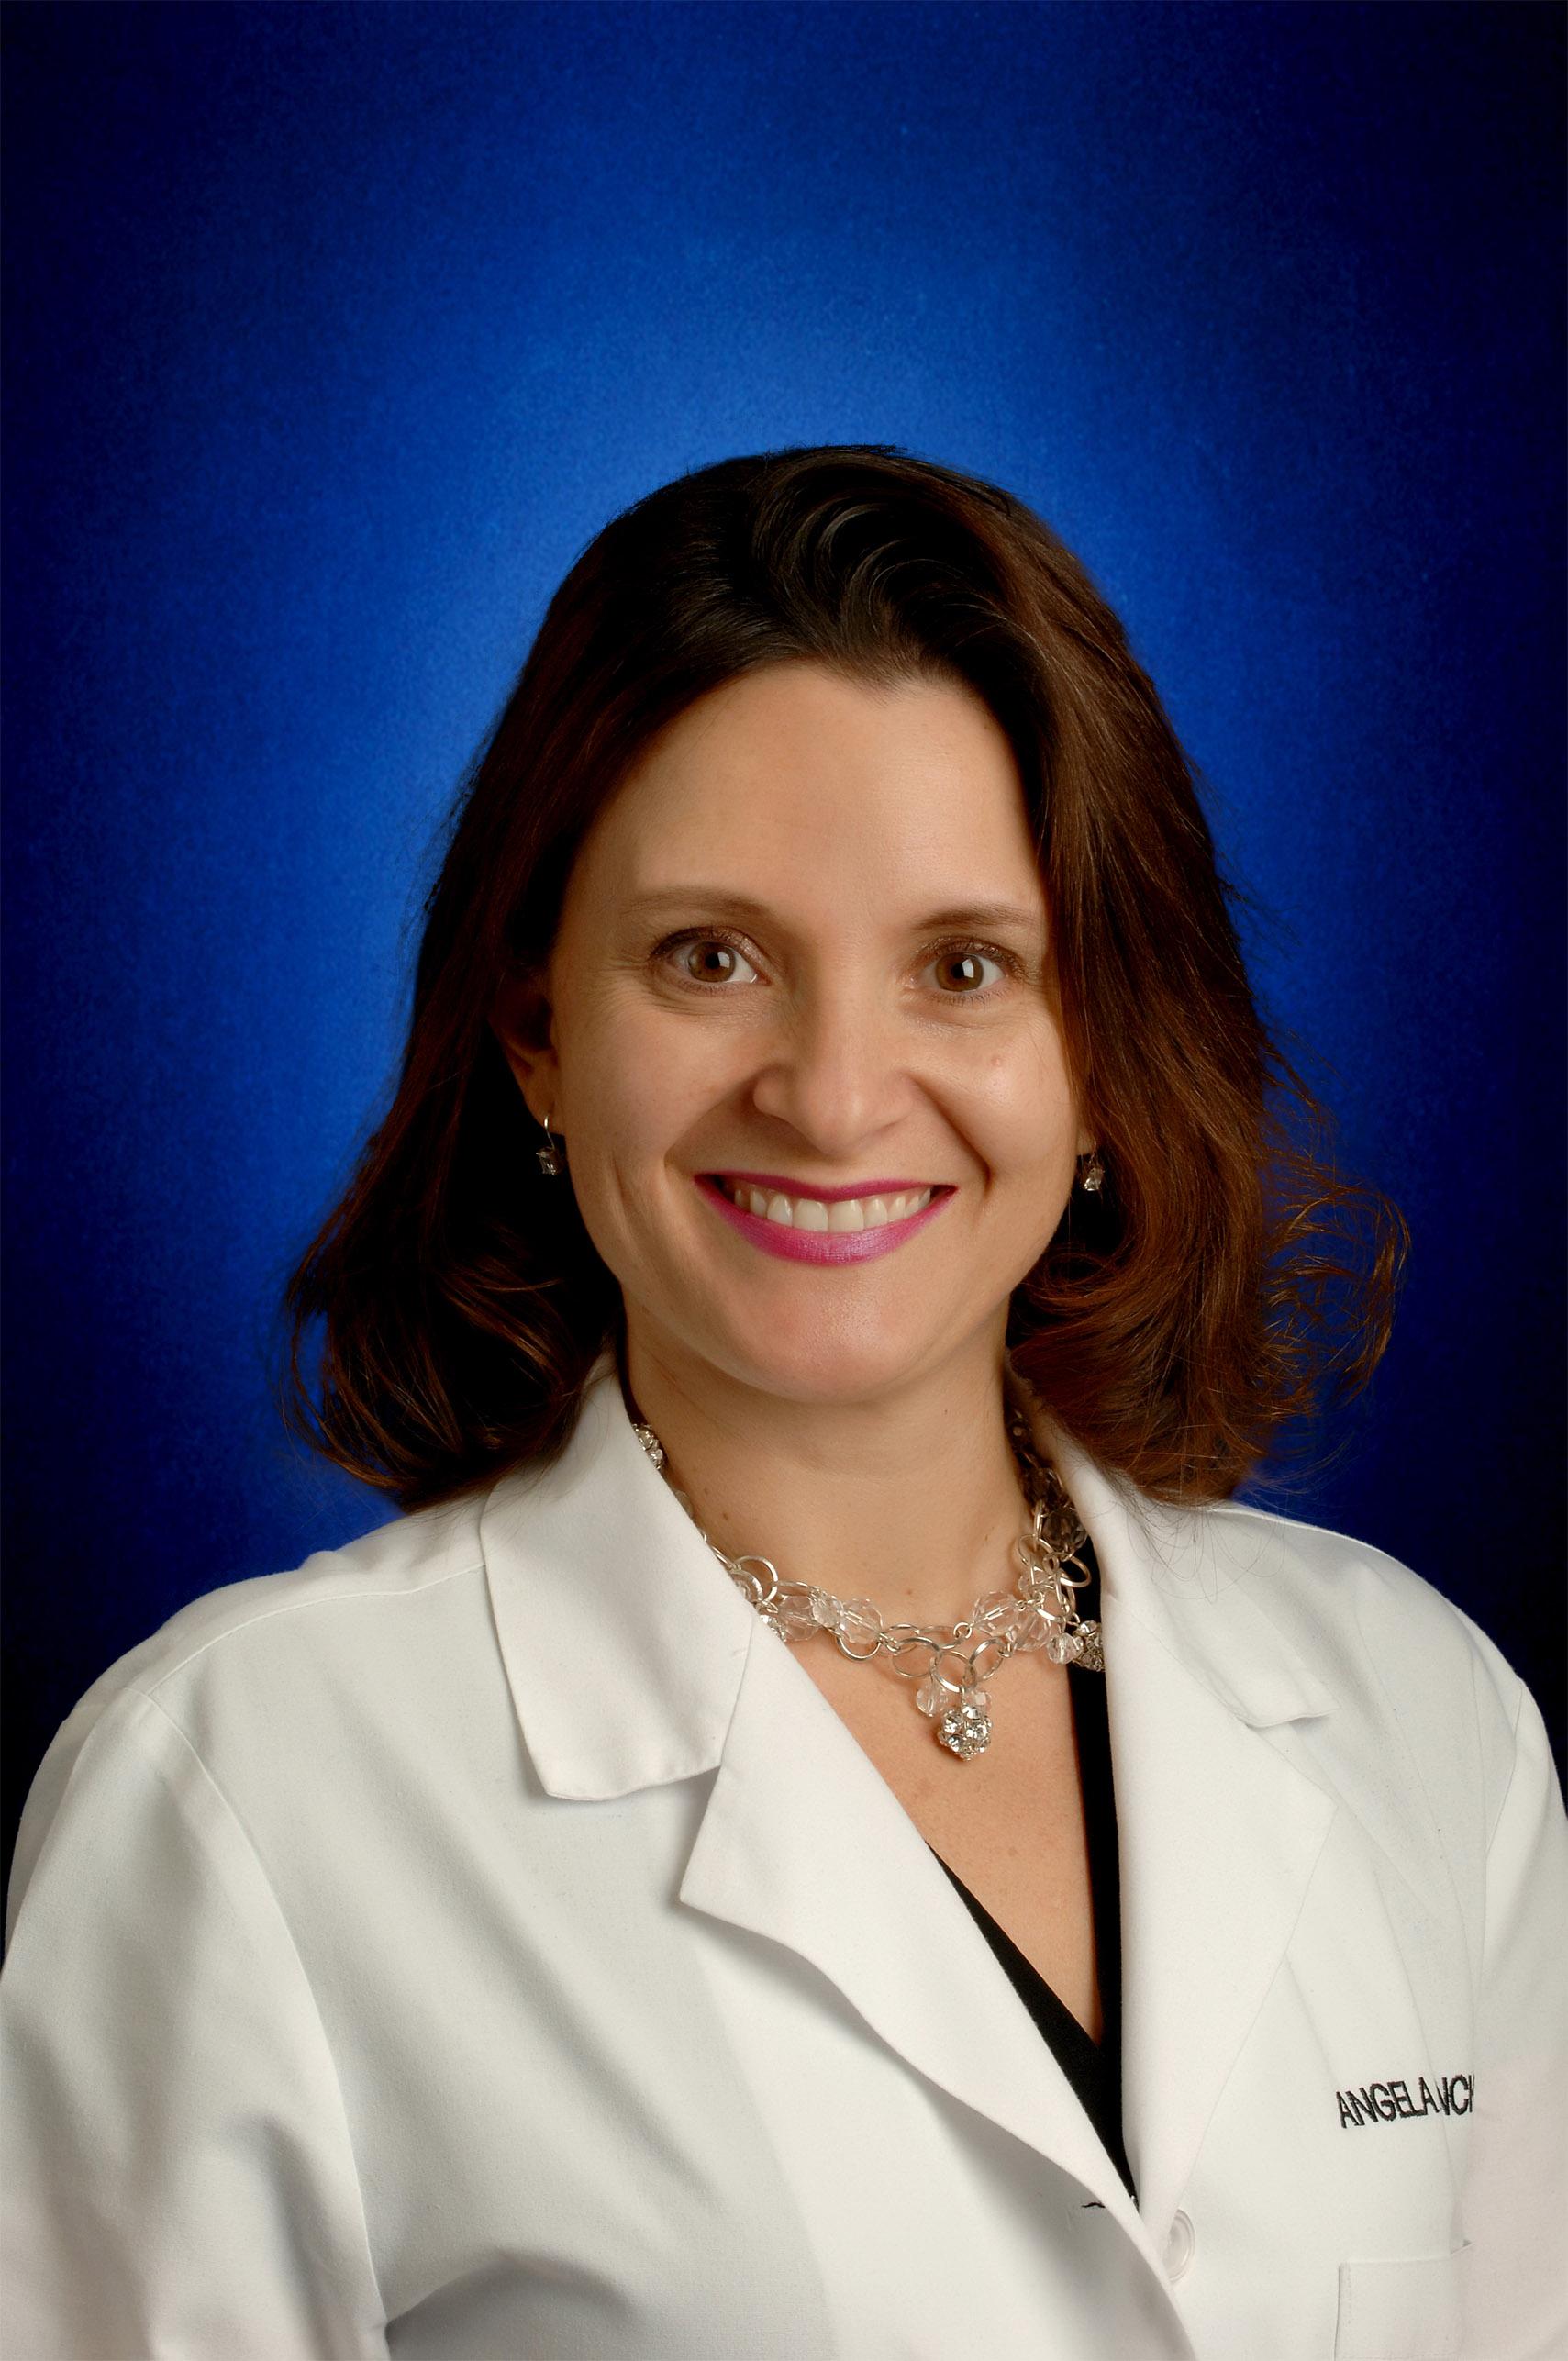 Angela Sanchez, MD